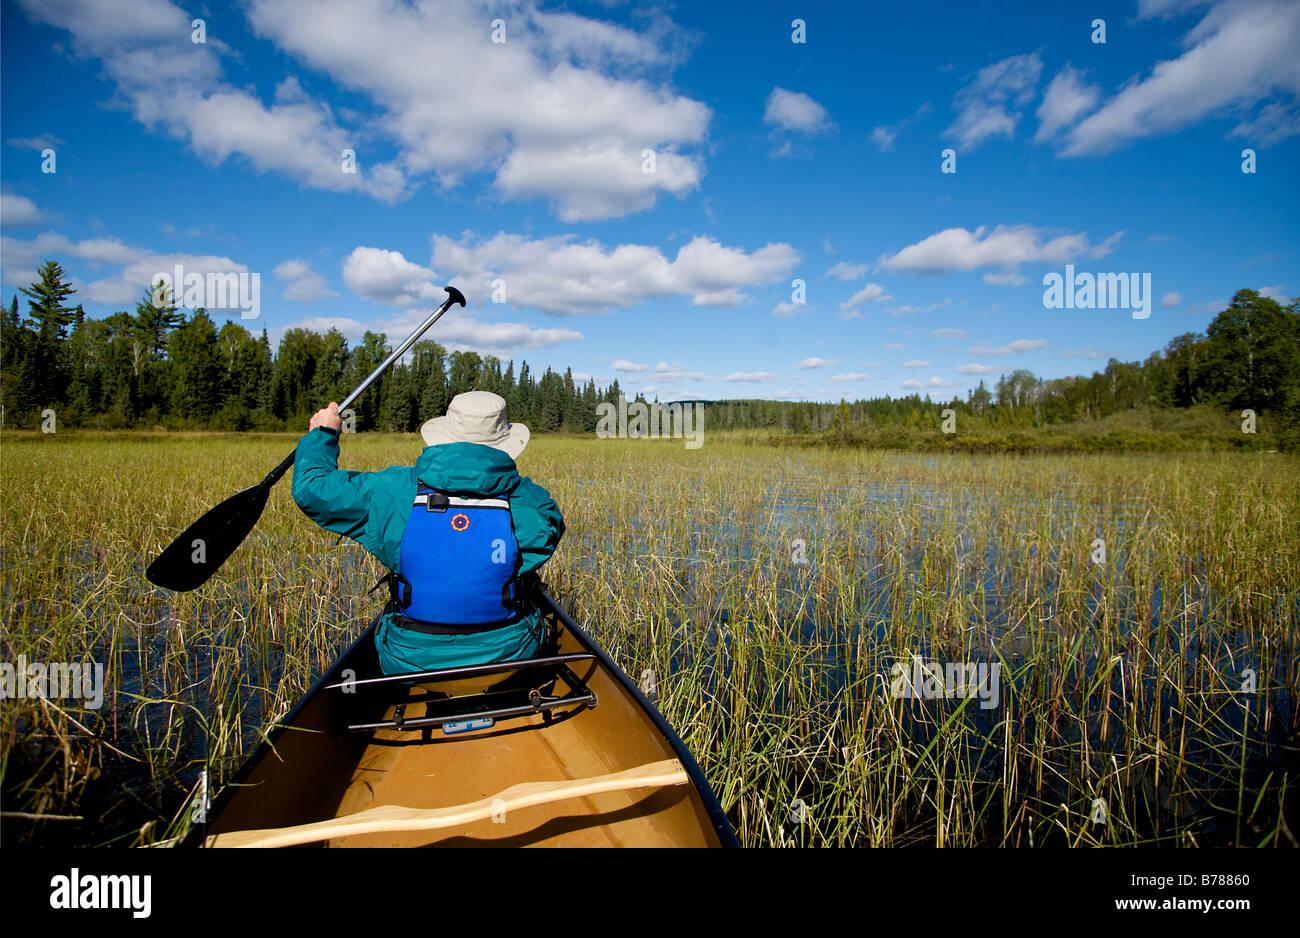 Kanu fahren, eine neue Fischerei vor Ort in der Grenze Gewässer Kanu-Bereich Wildnis im Superior National Forest Stockbild